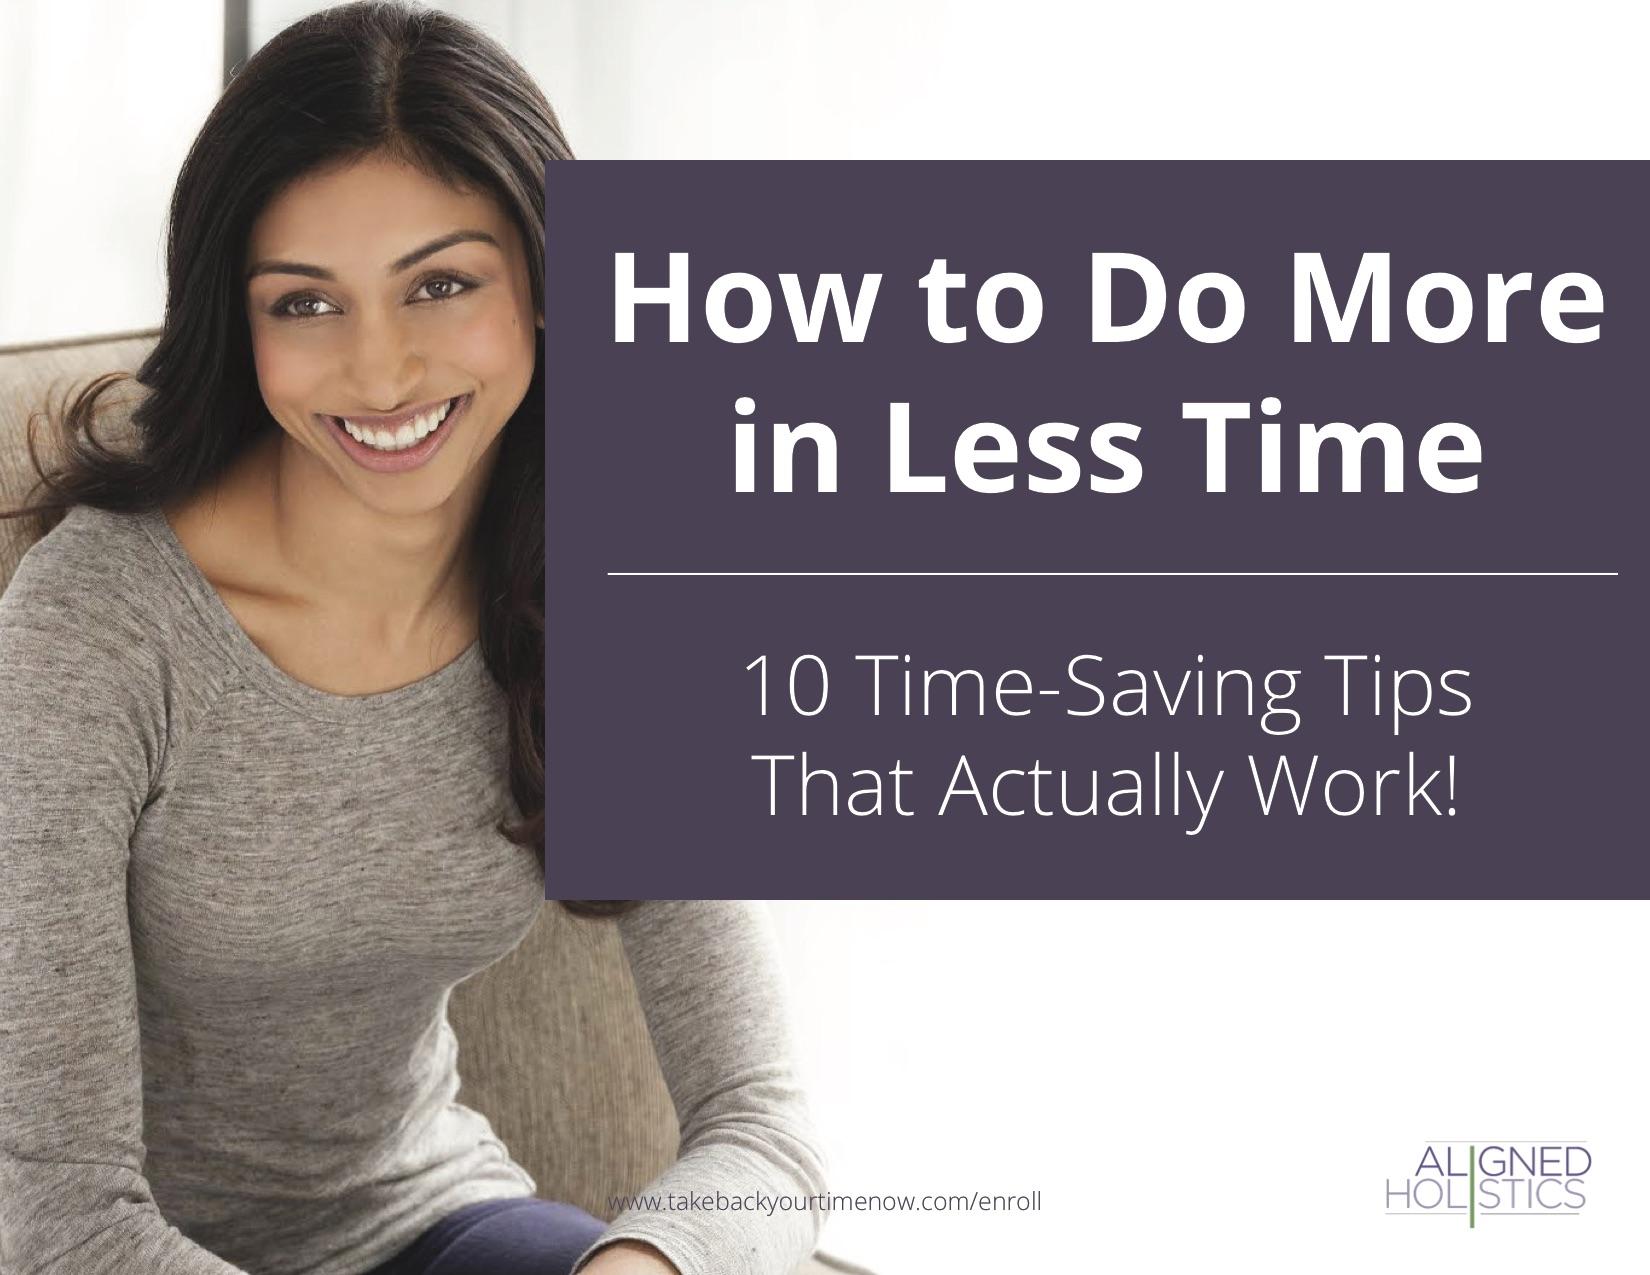 TimeSavingTips